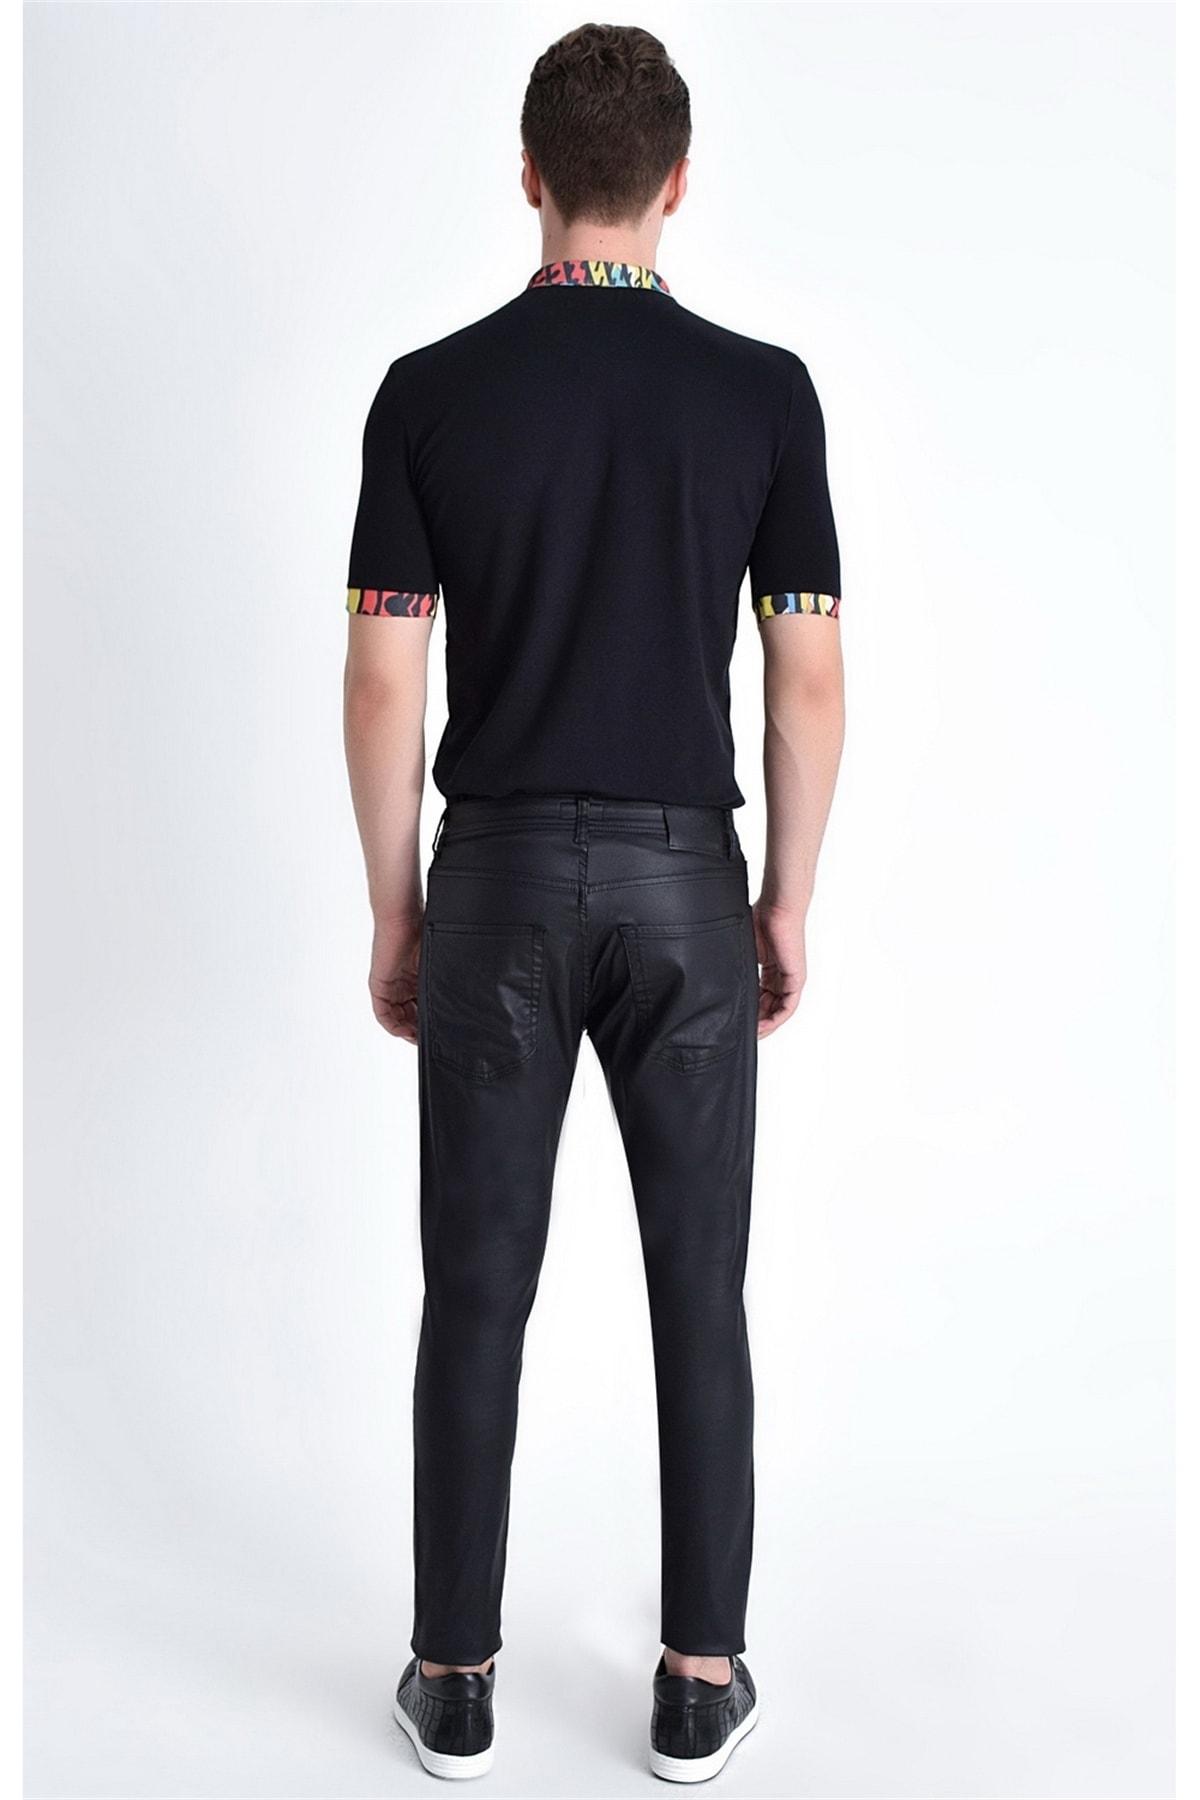 Efor 032 Slim Fit Siyah Jean Pantolon 2